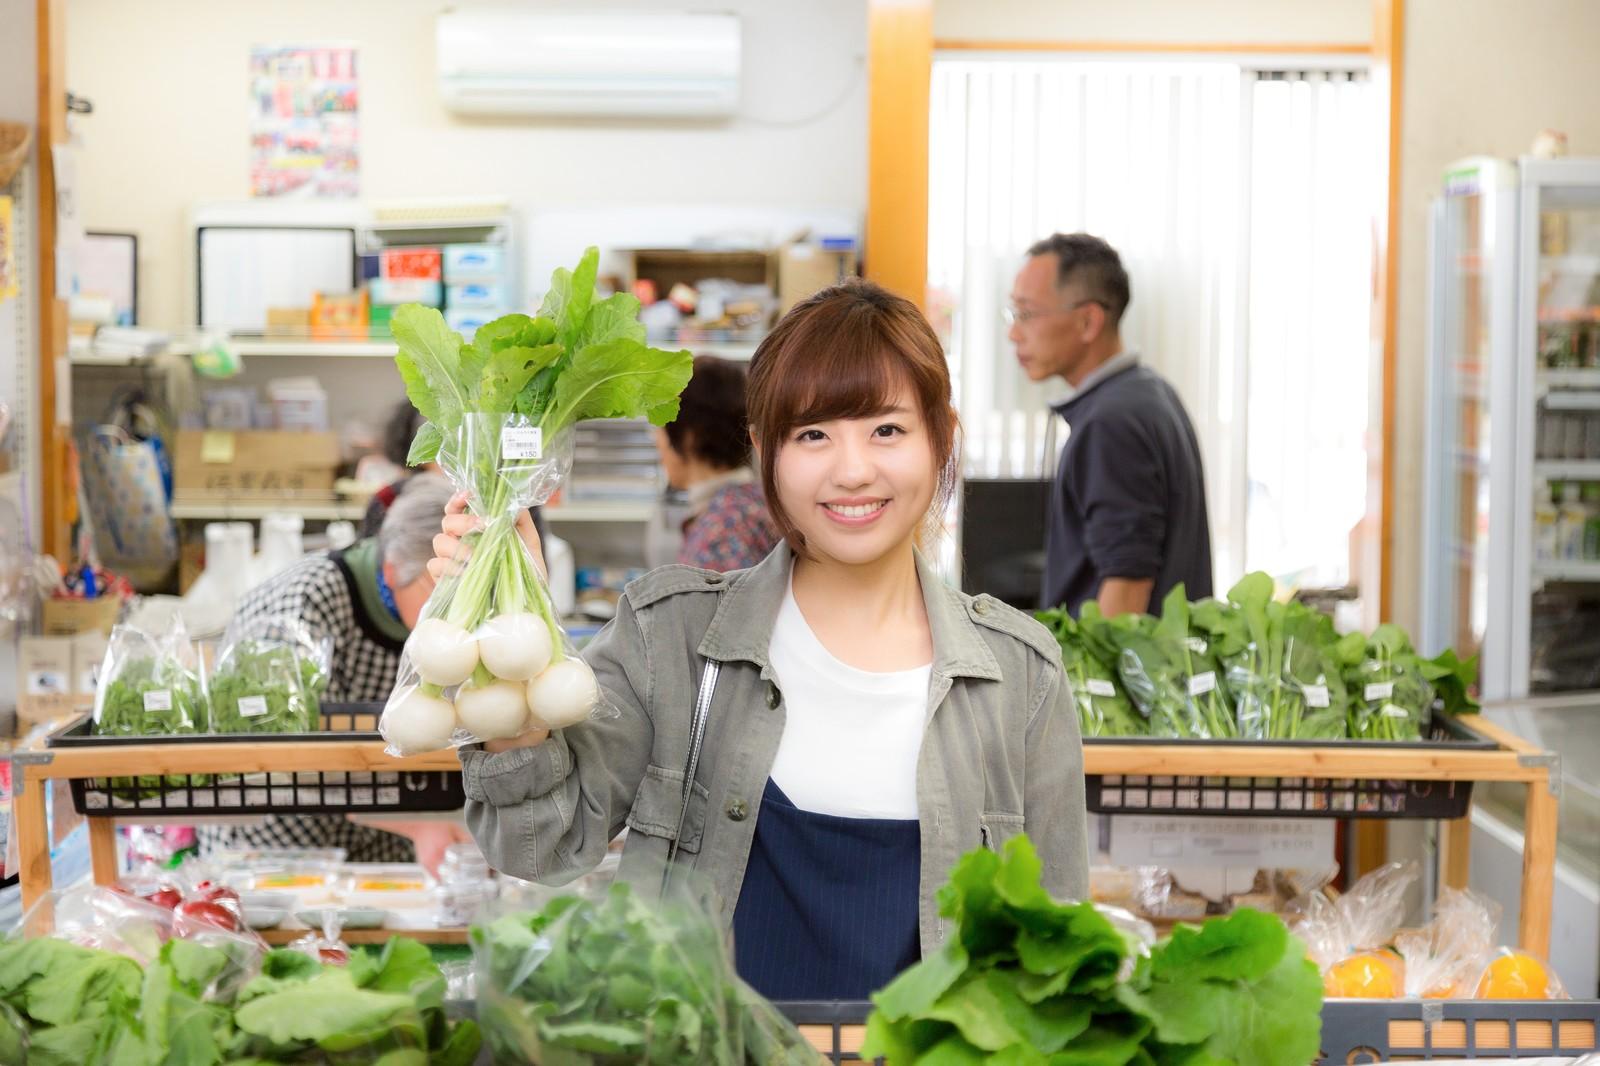 【高齢者向けクイズ】あなたは読める?野菜の漢字読み問題20問!